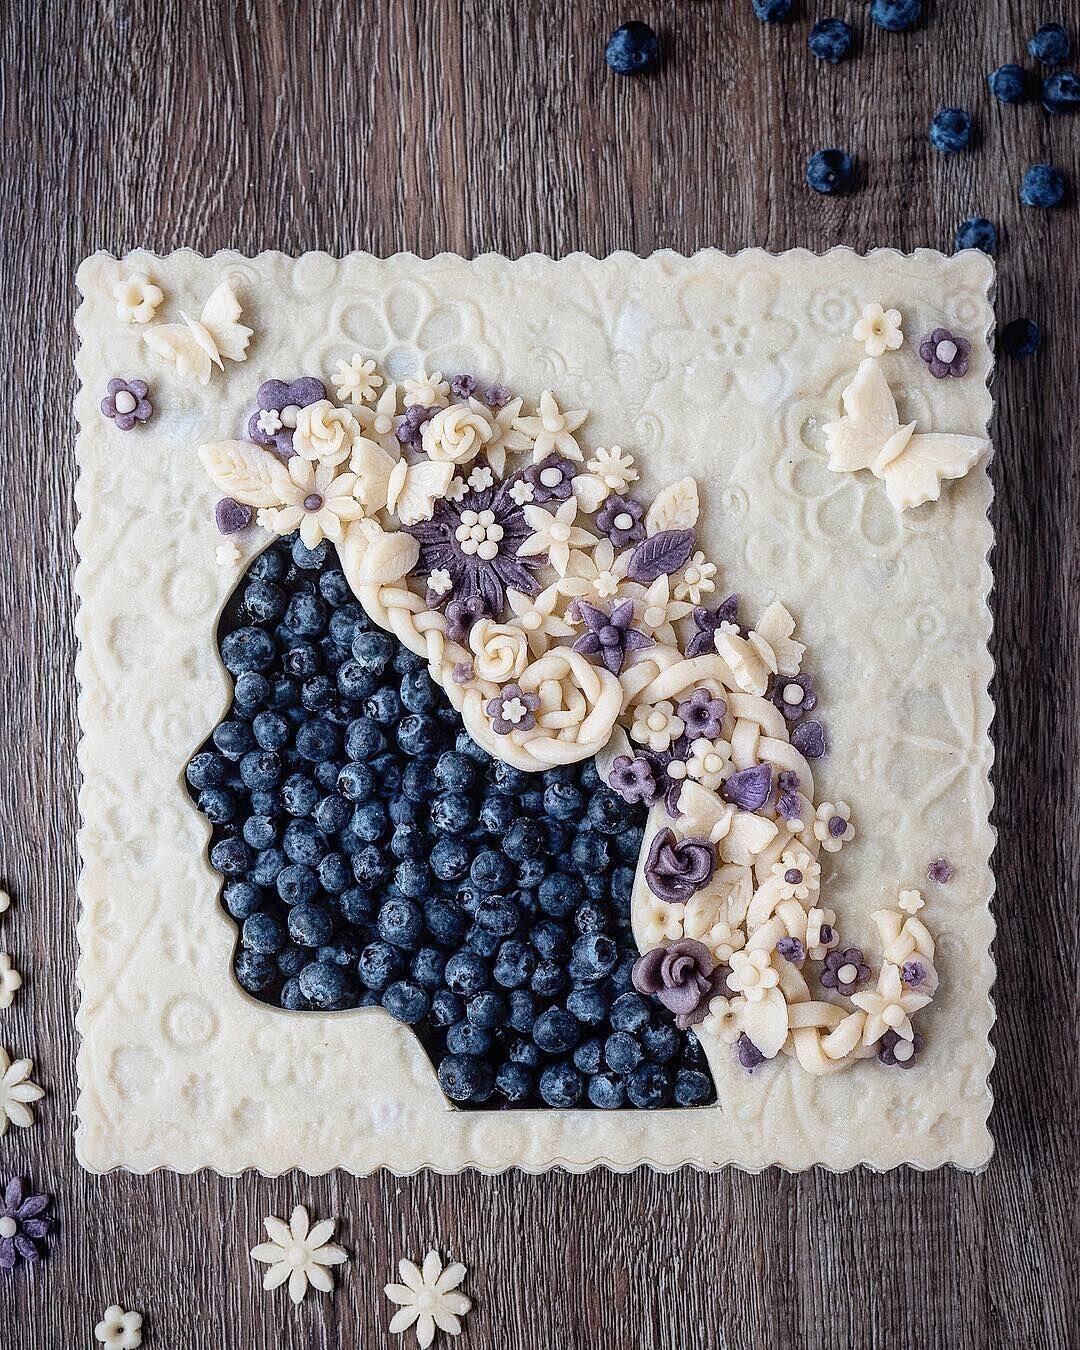 Шедевры оформления пирогов от batterednbaked